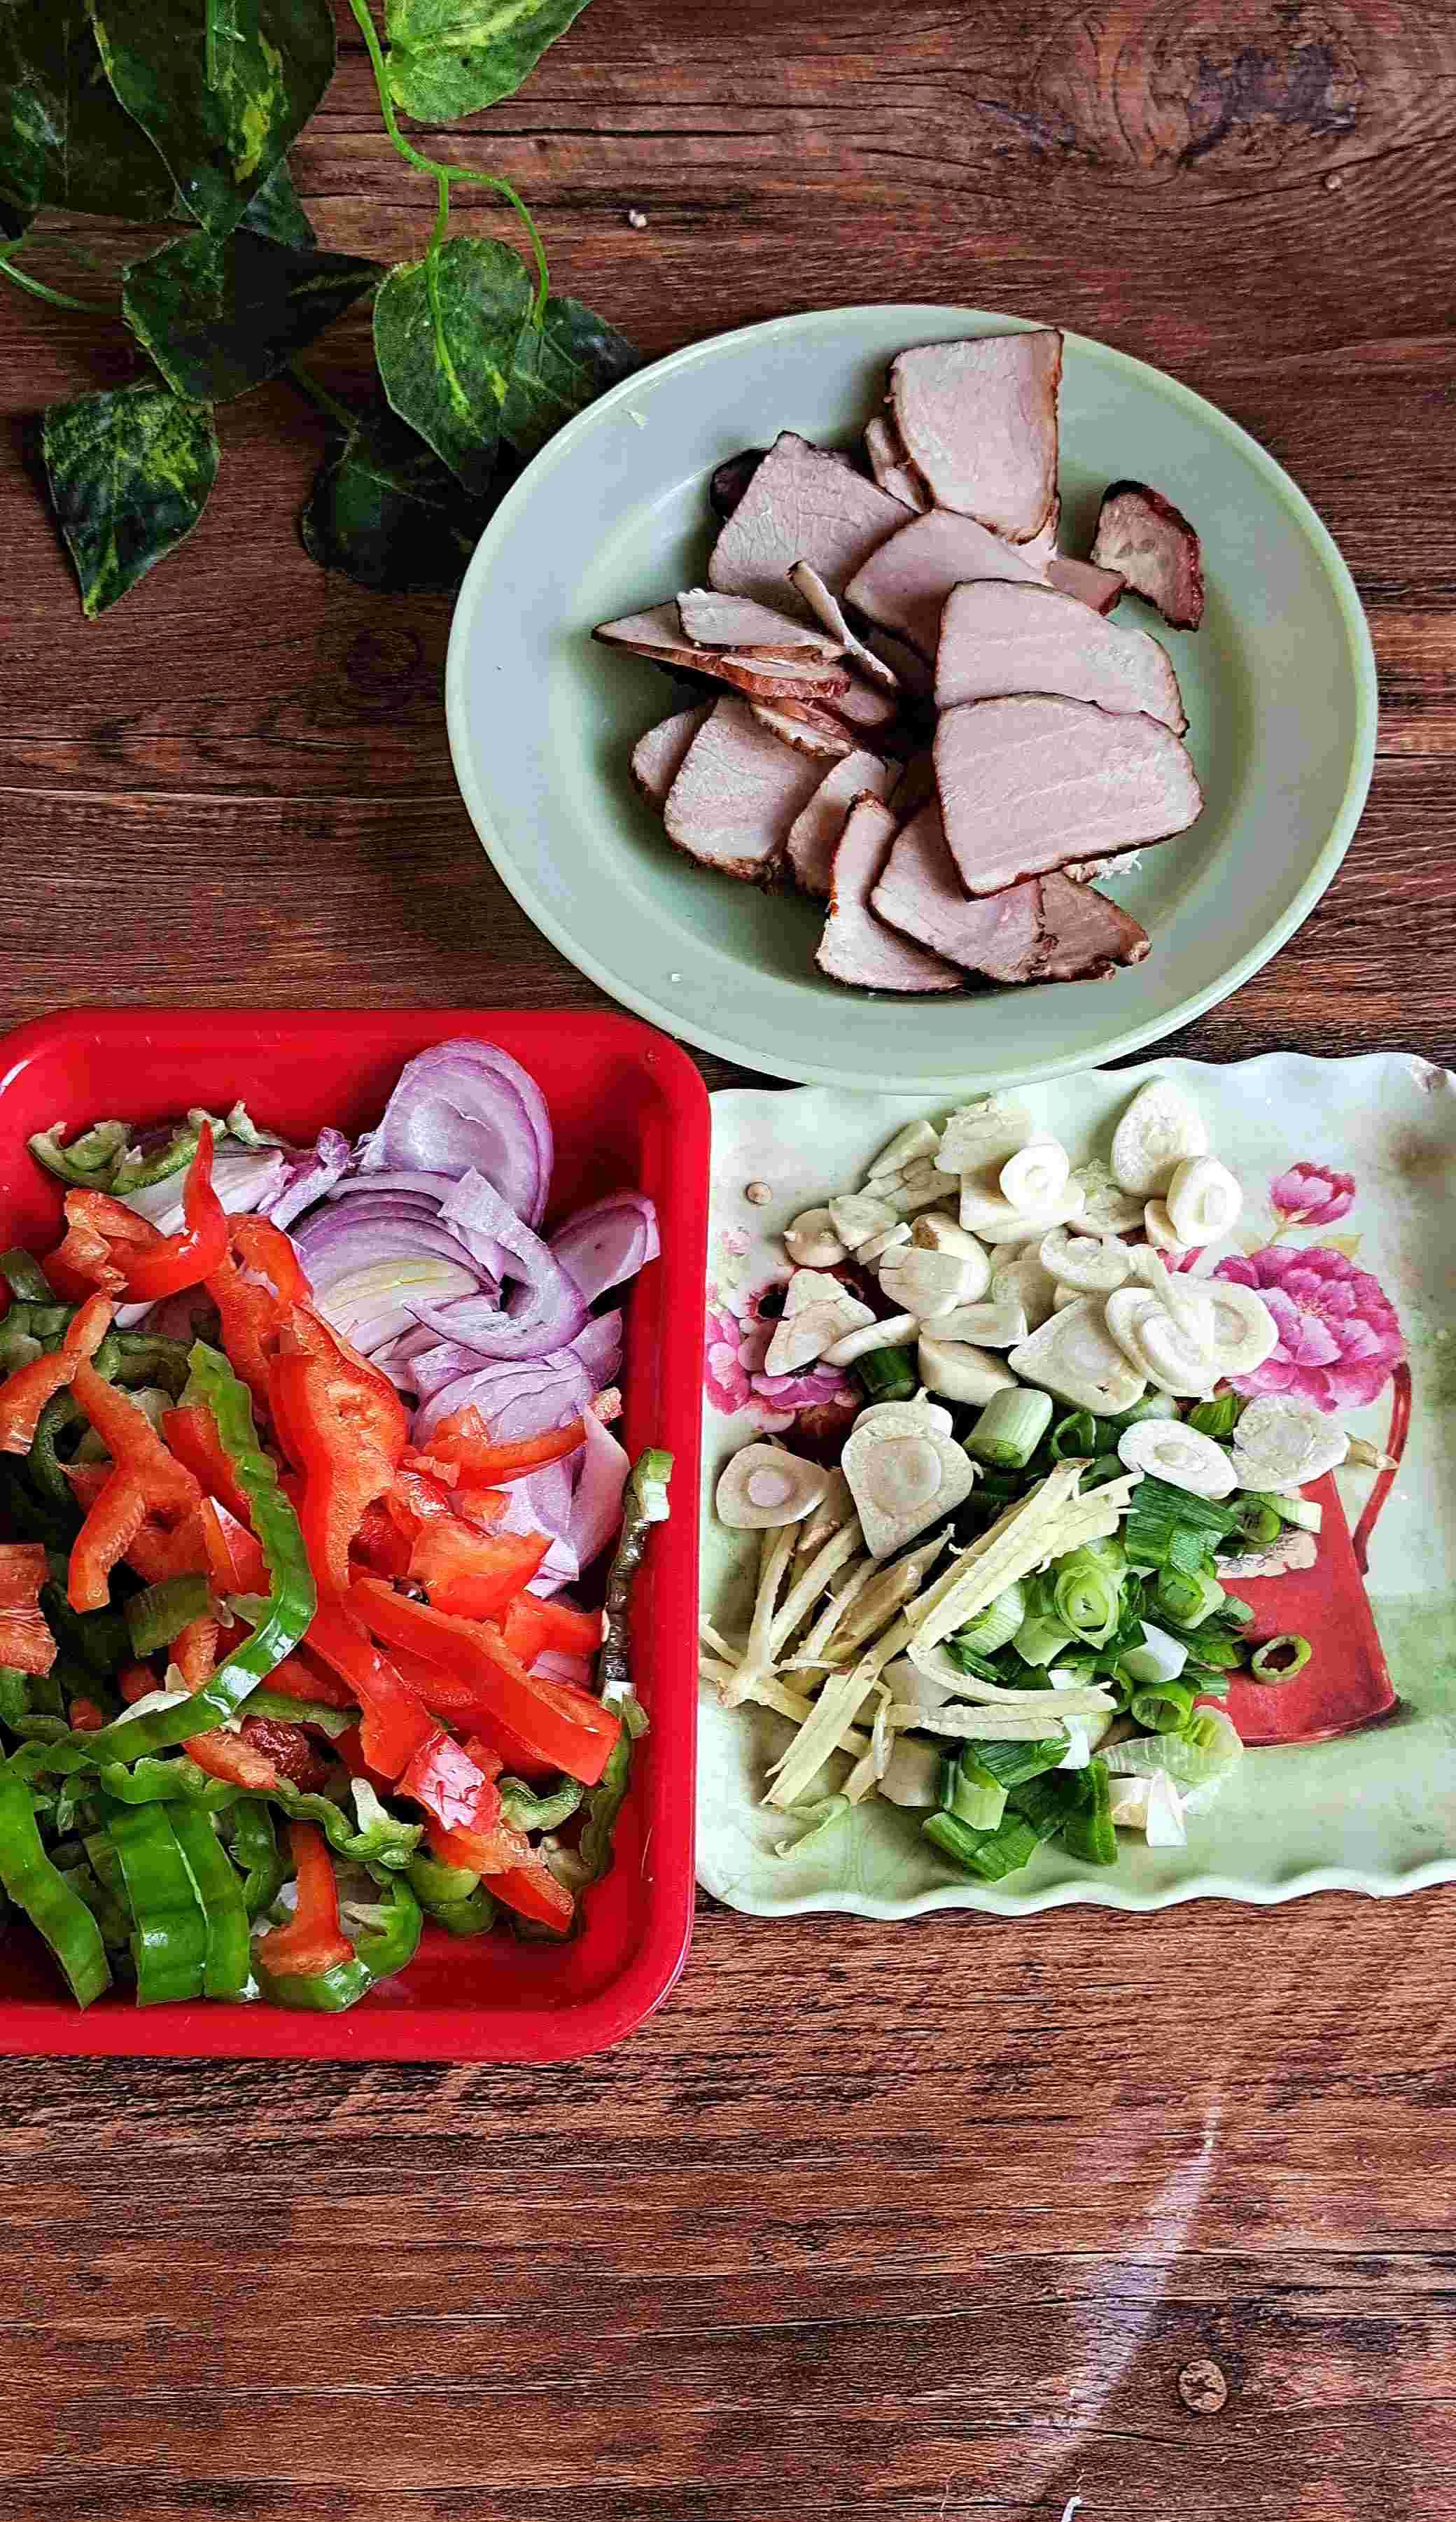 干鲜下饭菜,能下三碗饭~干锅腊肉茶树菇的做法大全